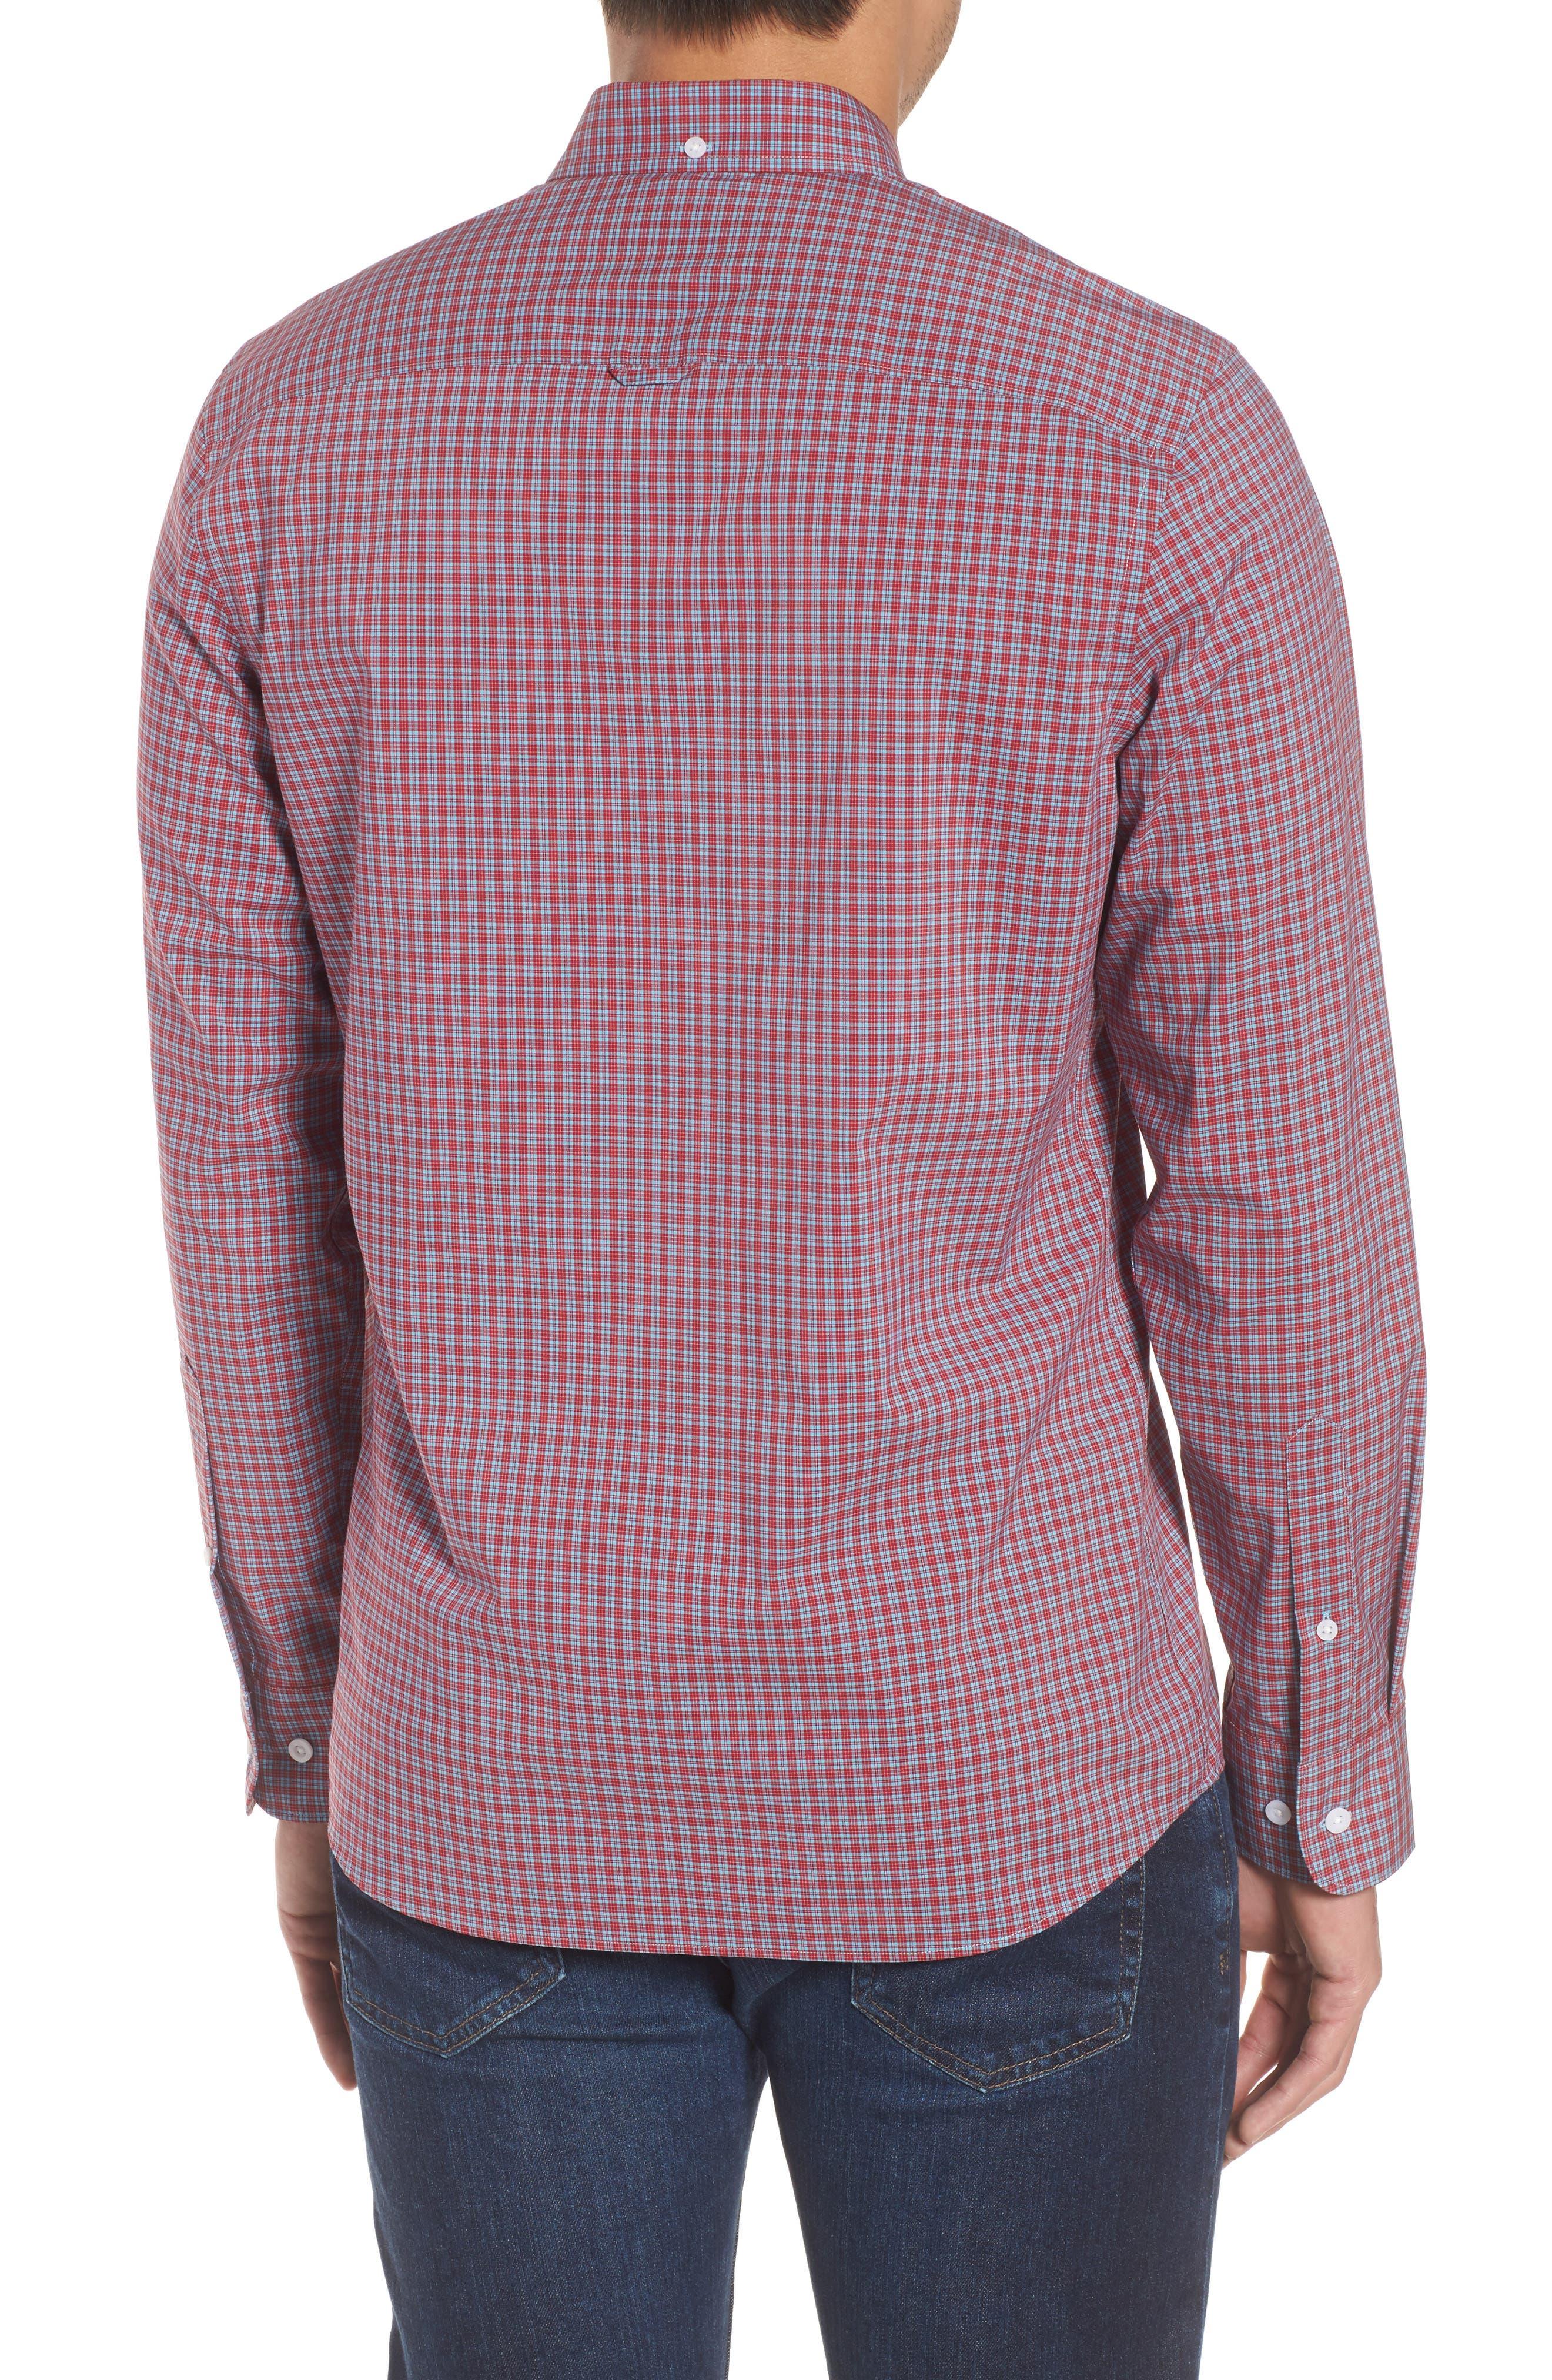 Tech-Smart Trim Fit Check Sport Shirt,                             Alternate thumbnail 2, color,                             610